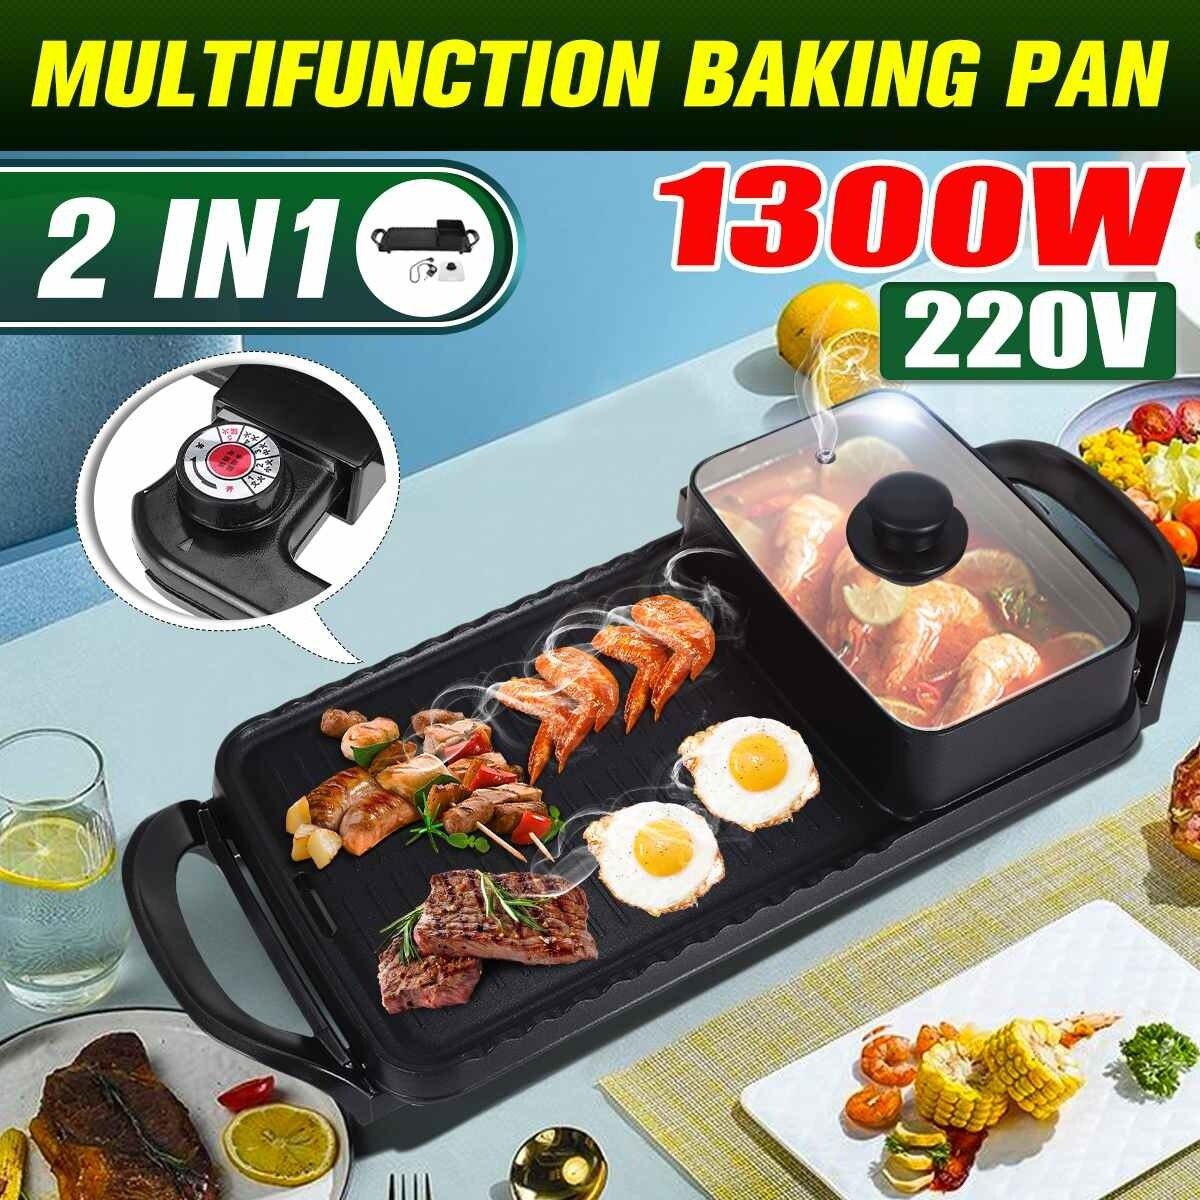 Электрический гриль для барбекю 1300 Вт 2 в 1, электрический гриль для барбекю и горячий горшок, мультиварка, жареная плита Smokel Nonsti, гриль 220 В